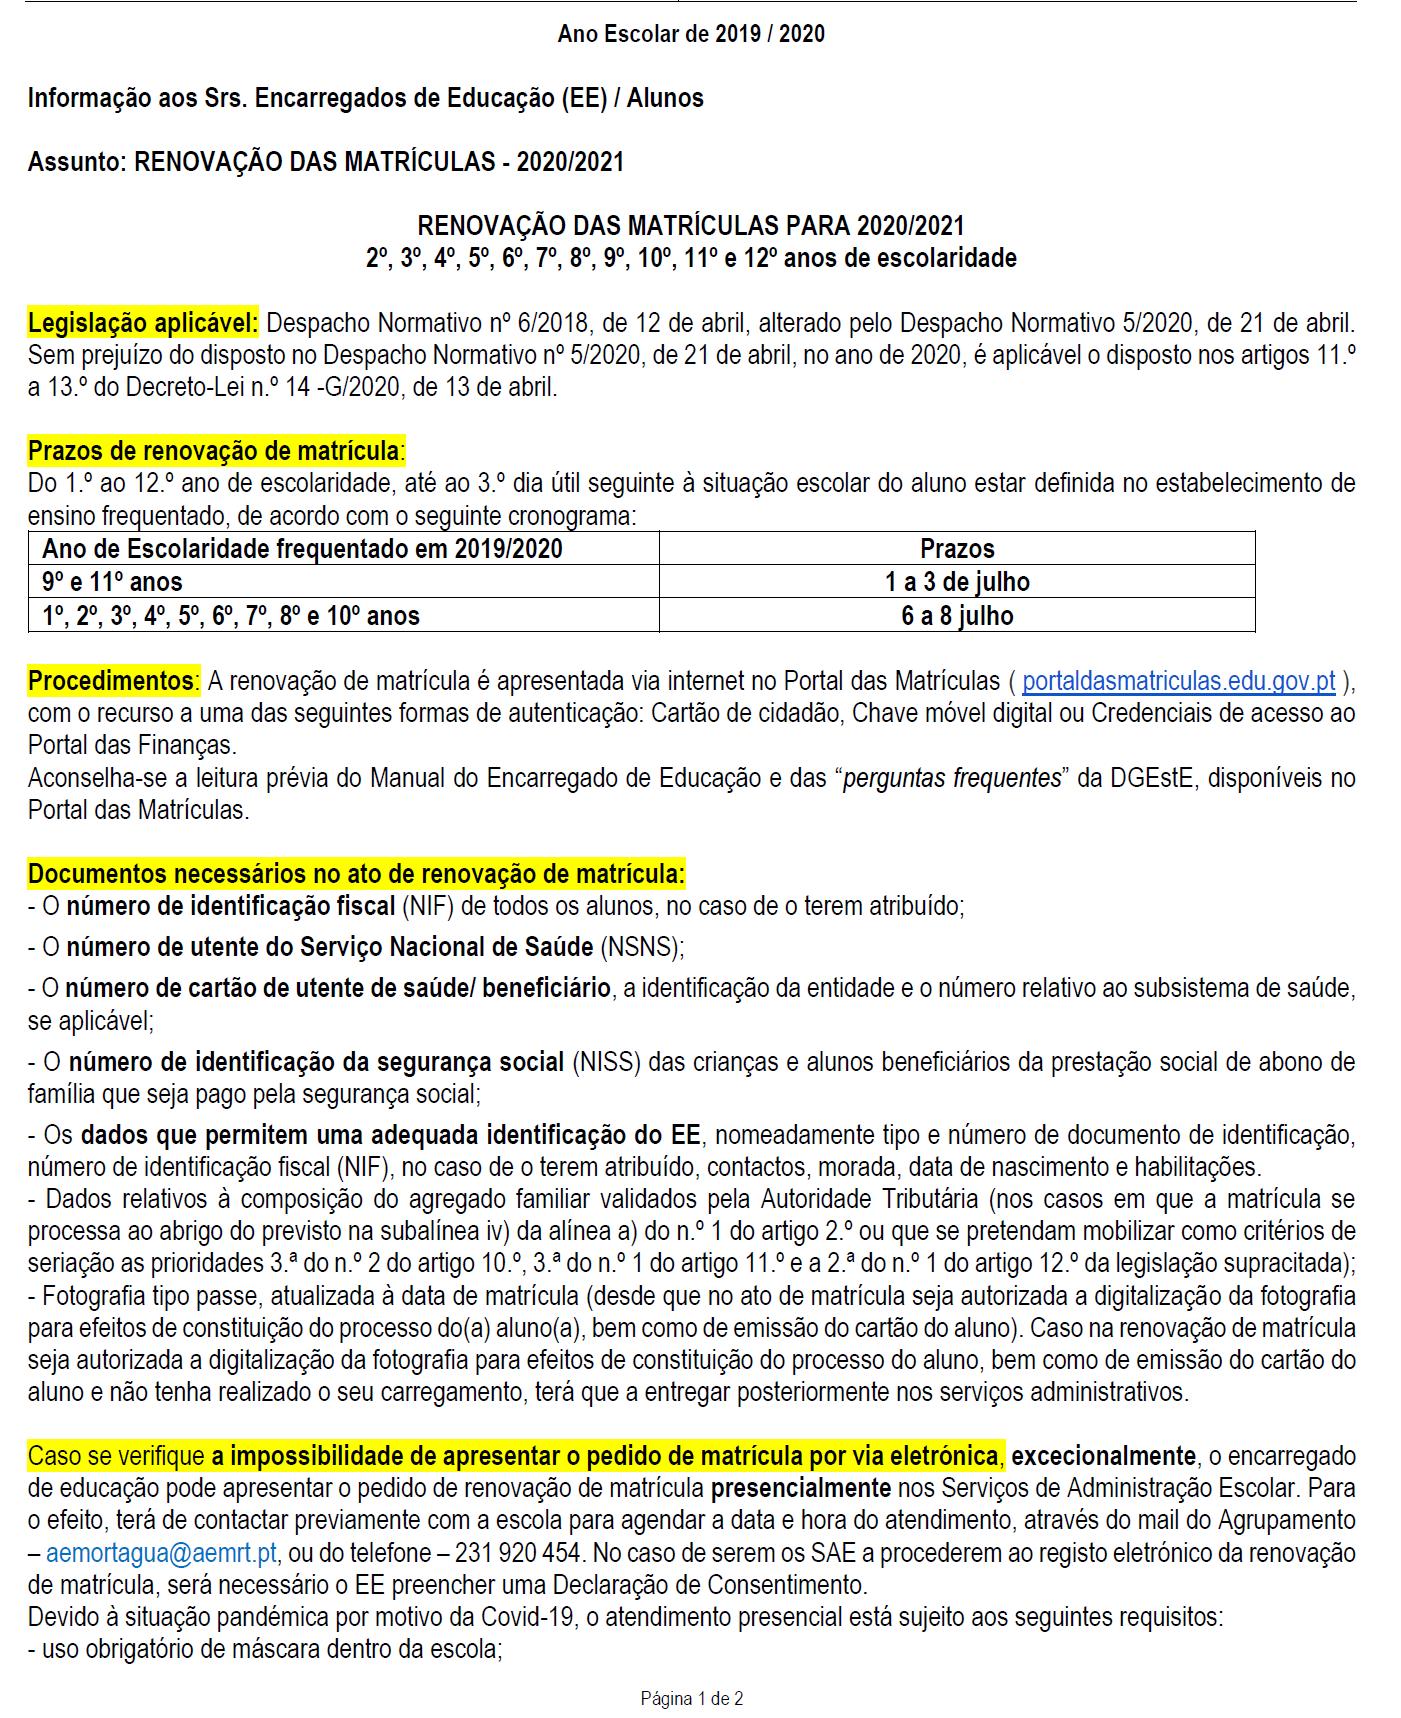 Matriculas1